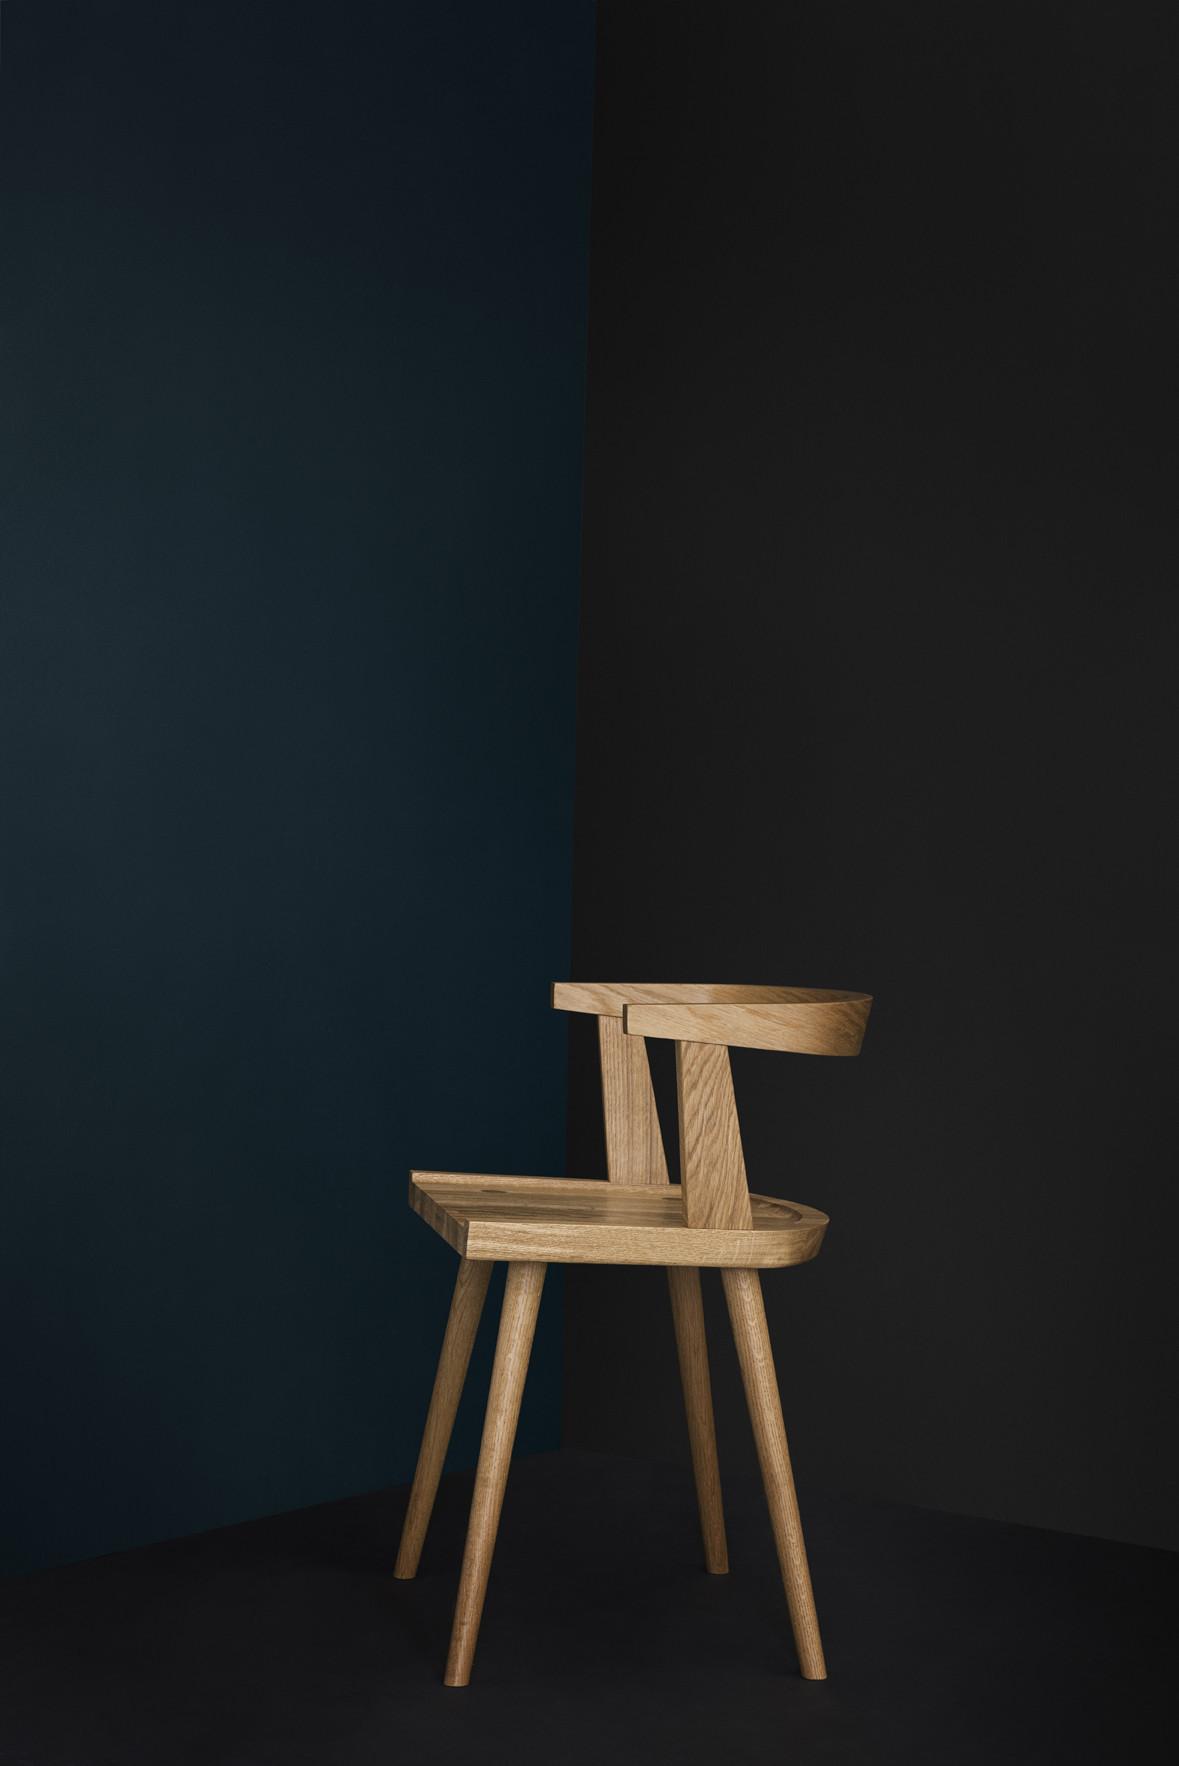 KBH_chair_oak